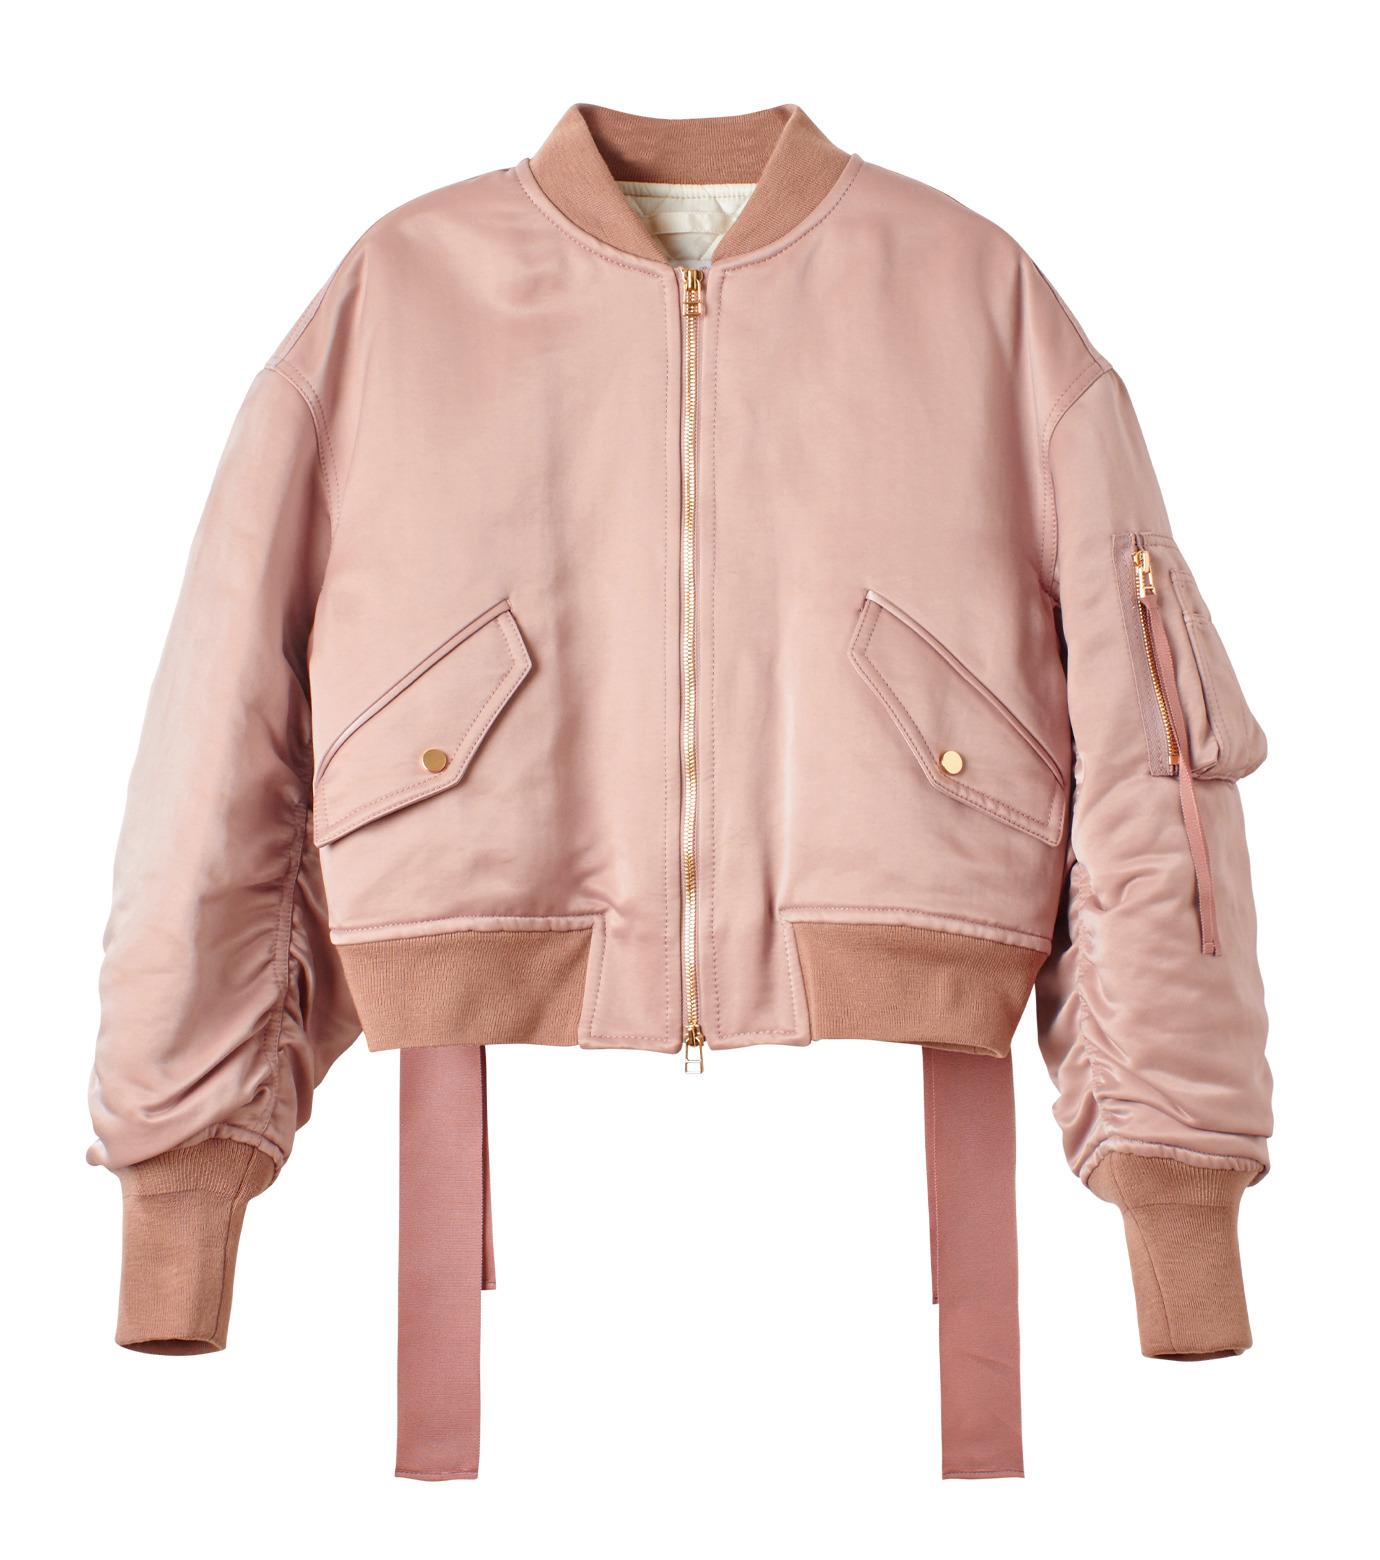 LE CIEL BLEU(ルシェルブルー)のリボンシェイクスMA-1-PINK(ジャケット/jacket)-18A64509 拡大詳細画像4